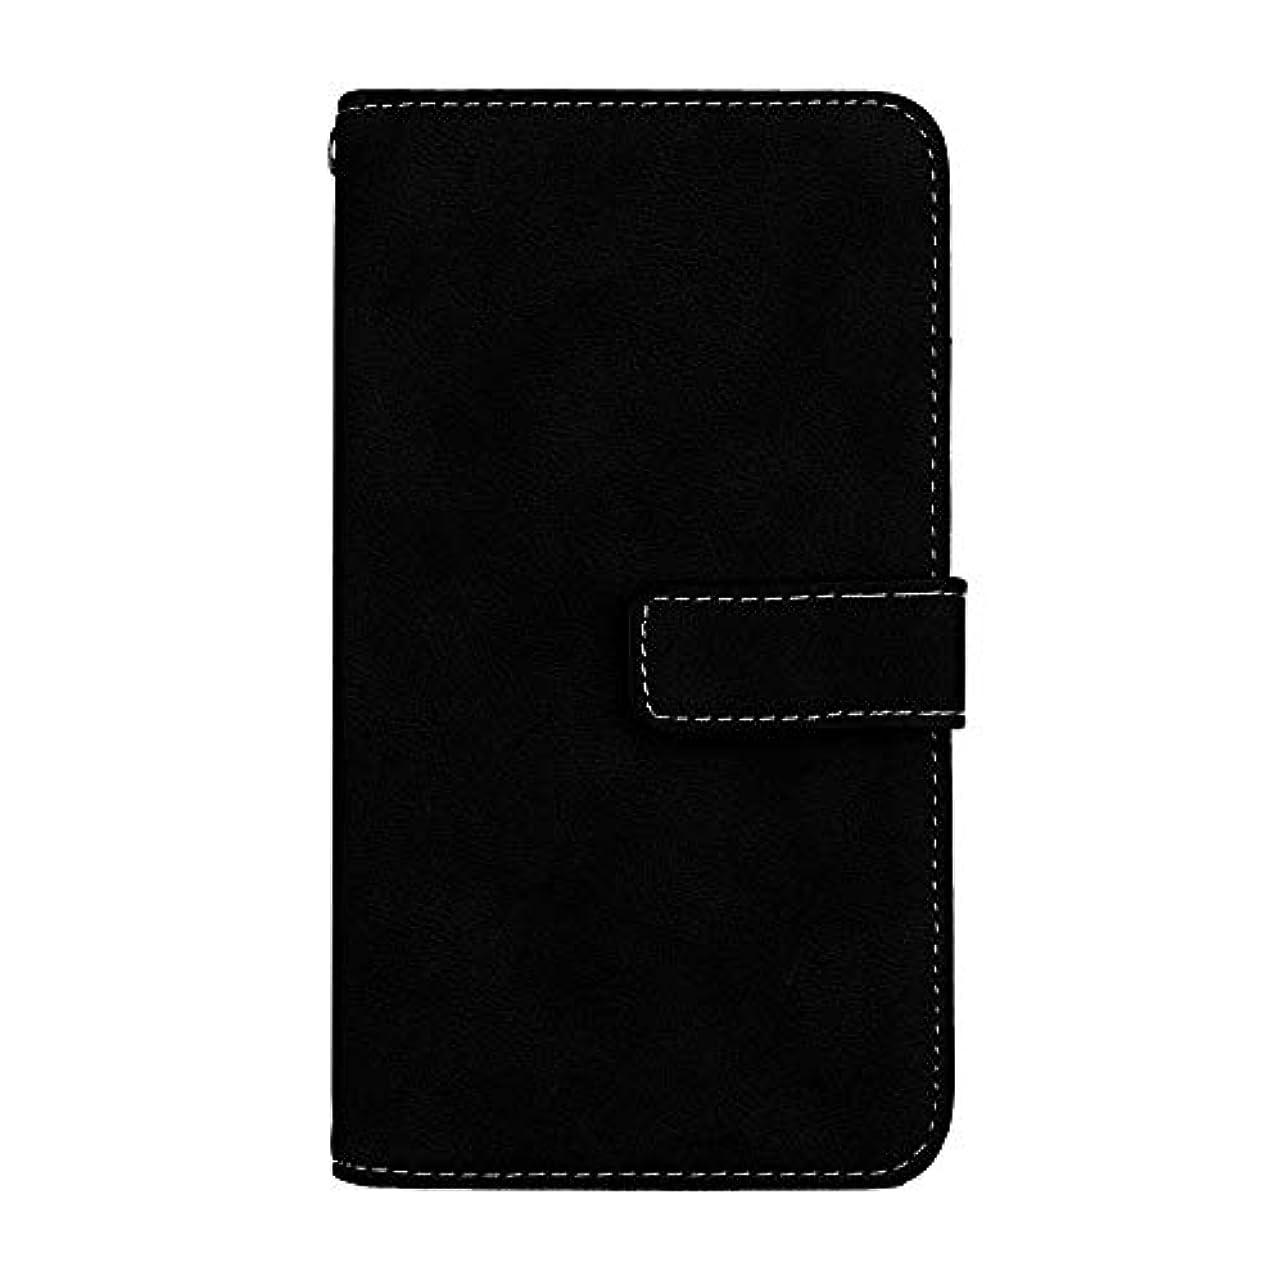 事実上味目指すXiaomi Redmi 6 高品質 マグネット ケース, CUNUS 携帯電話 ケース 軽量 柔軟 高品質 耐摩擦 カード収納 カバー Xiaomi Redmi 6 用, ブラック